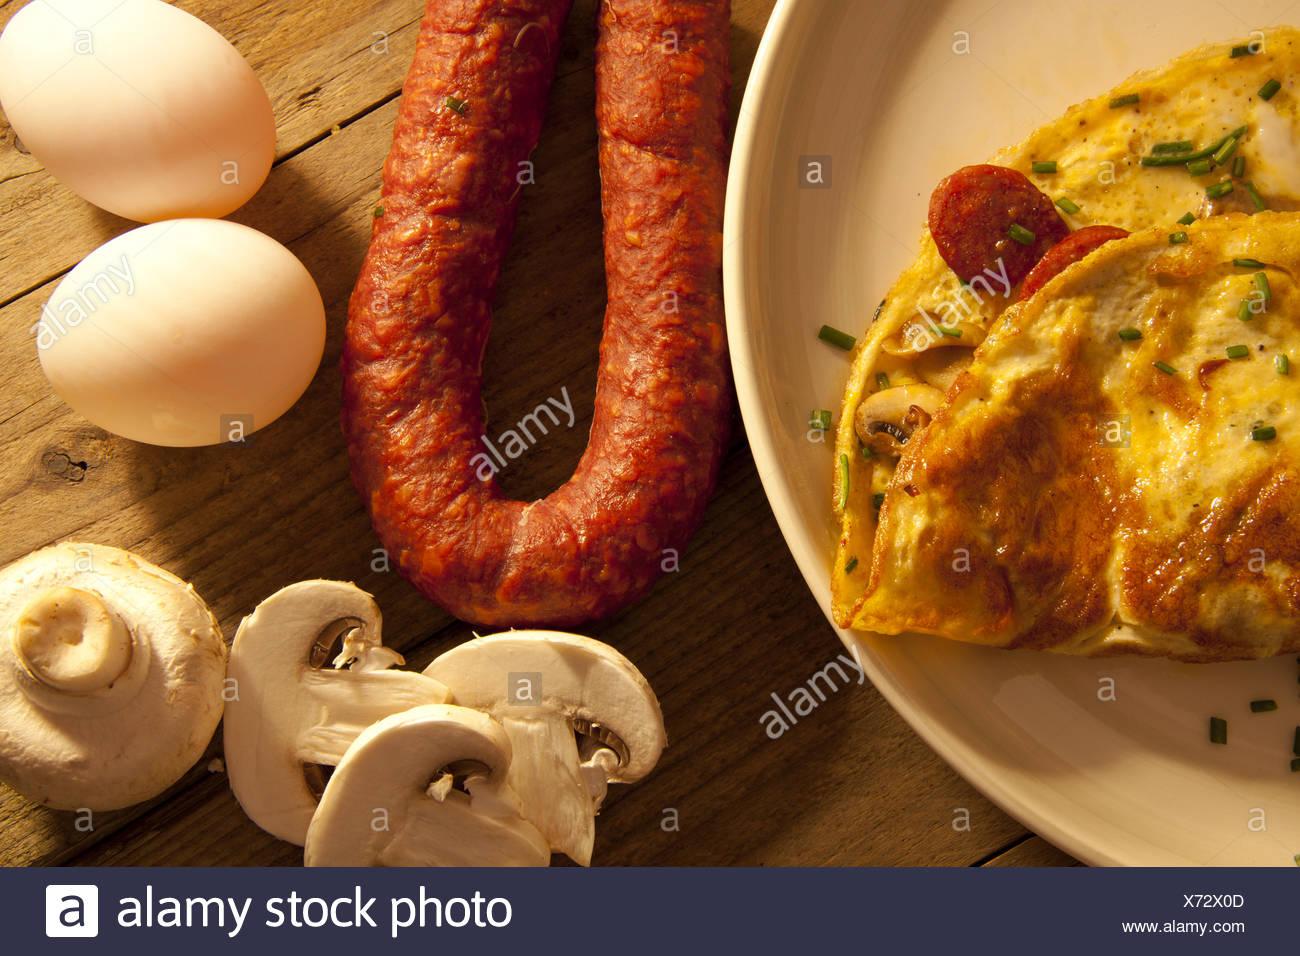 Freshly prepared omelette. - Stock Image